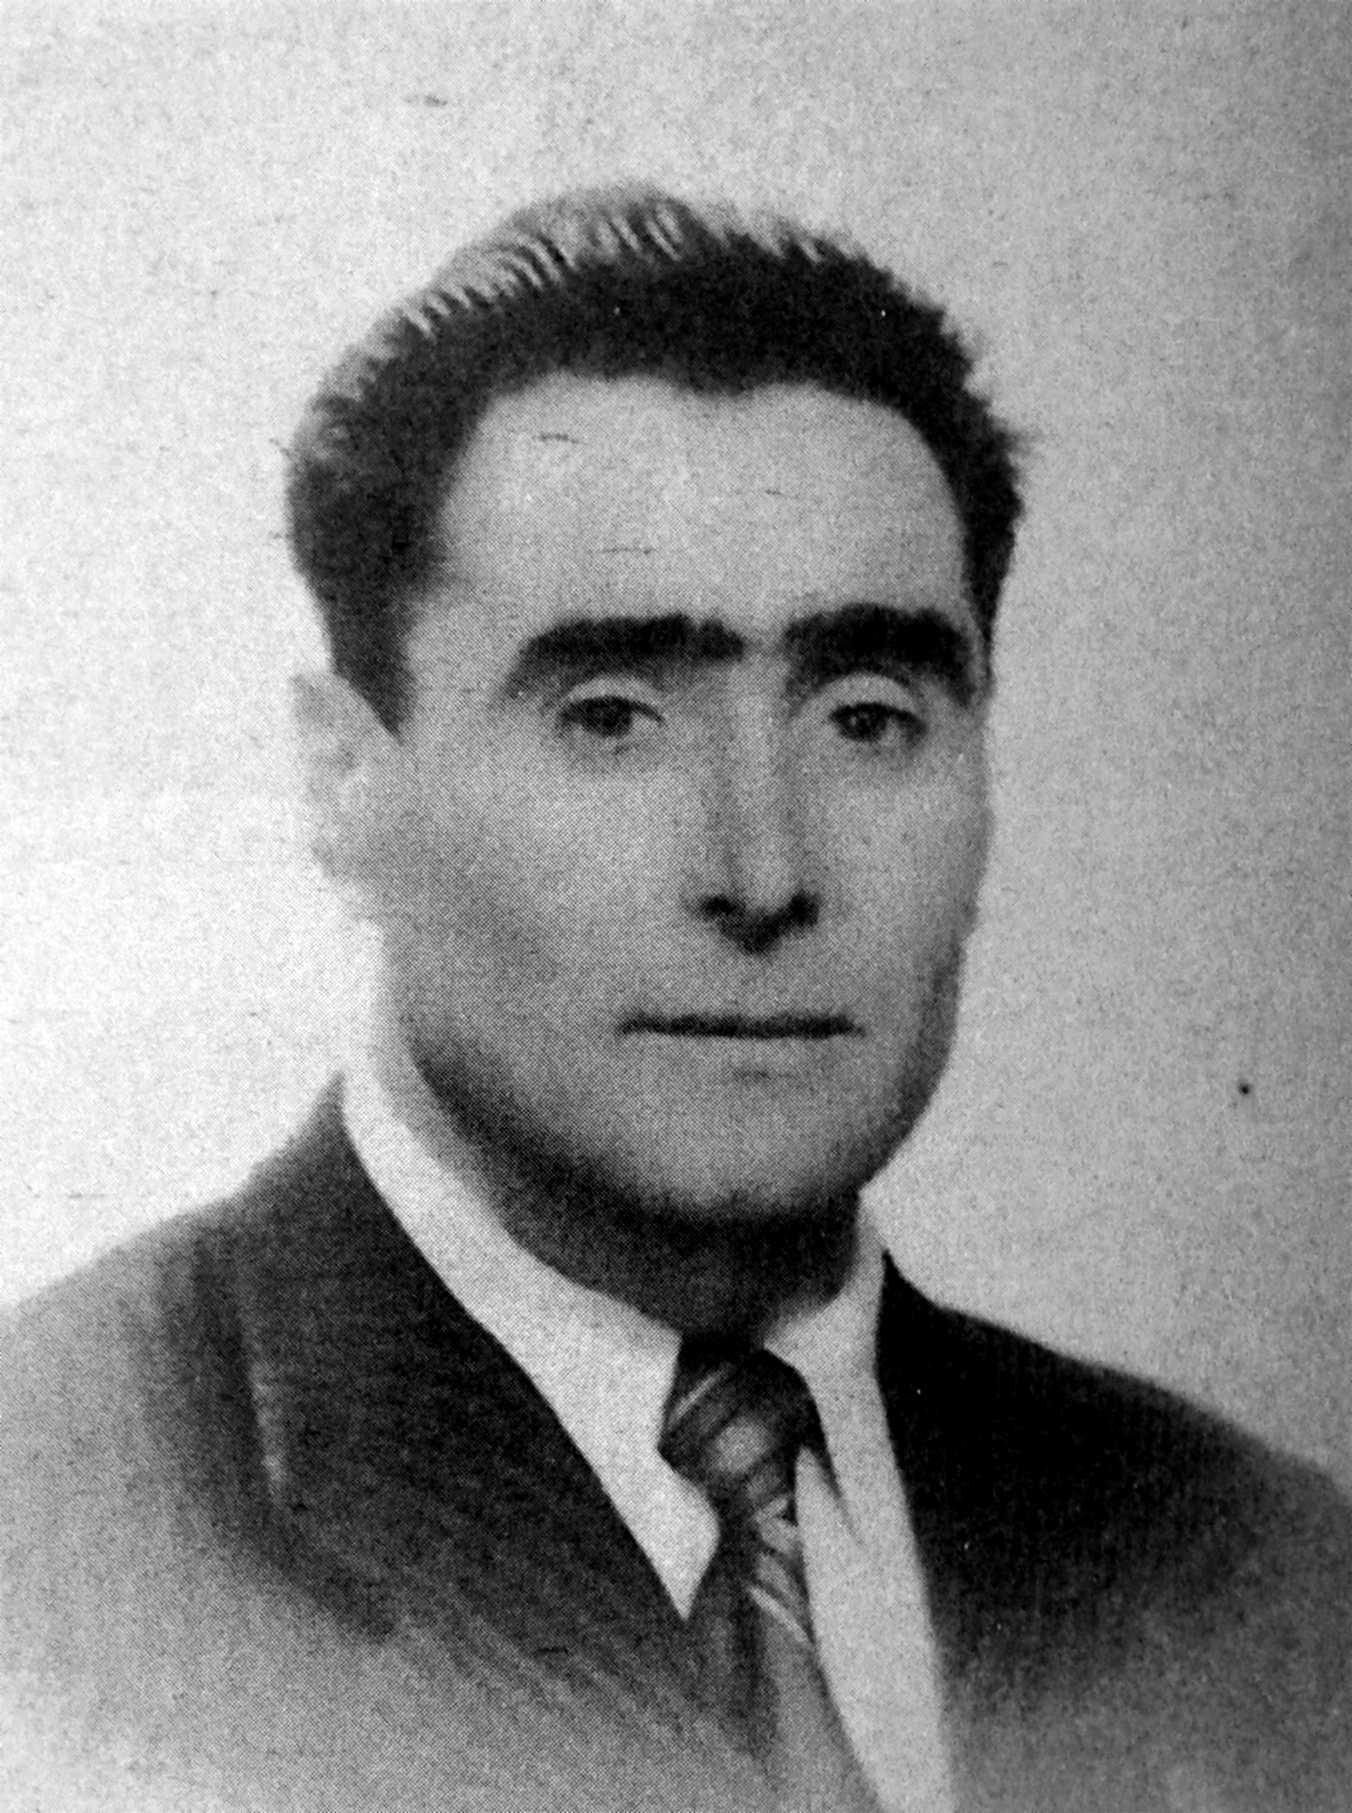 Pere Mateu Cusidó